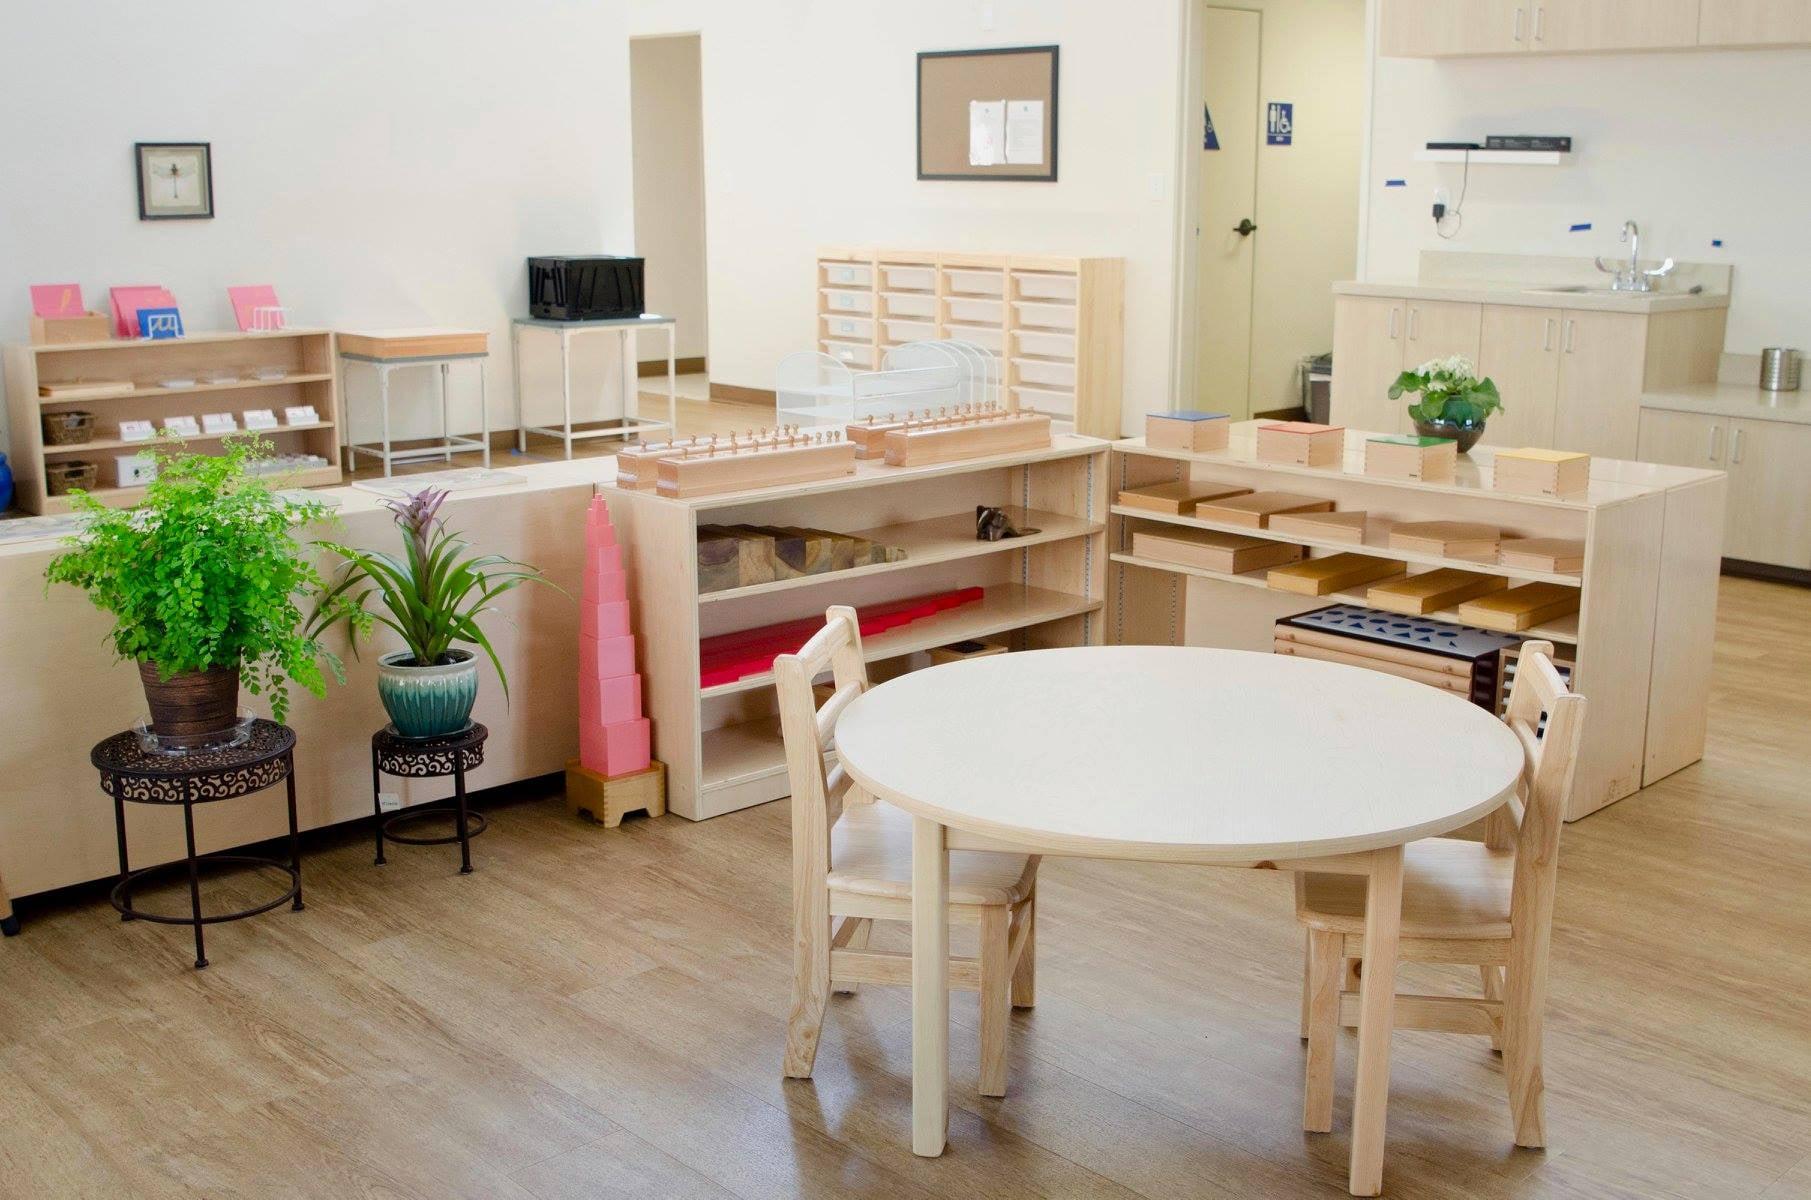 NEWS - Second Guidepost Montessori Campus Opening in Santa Clarita